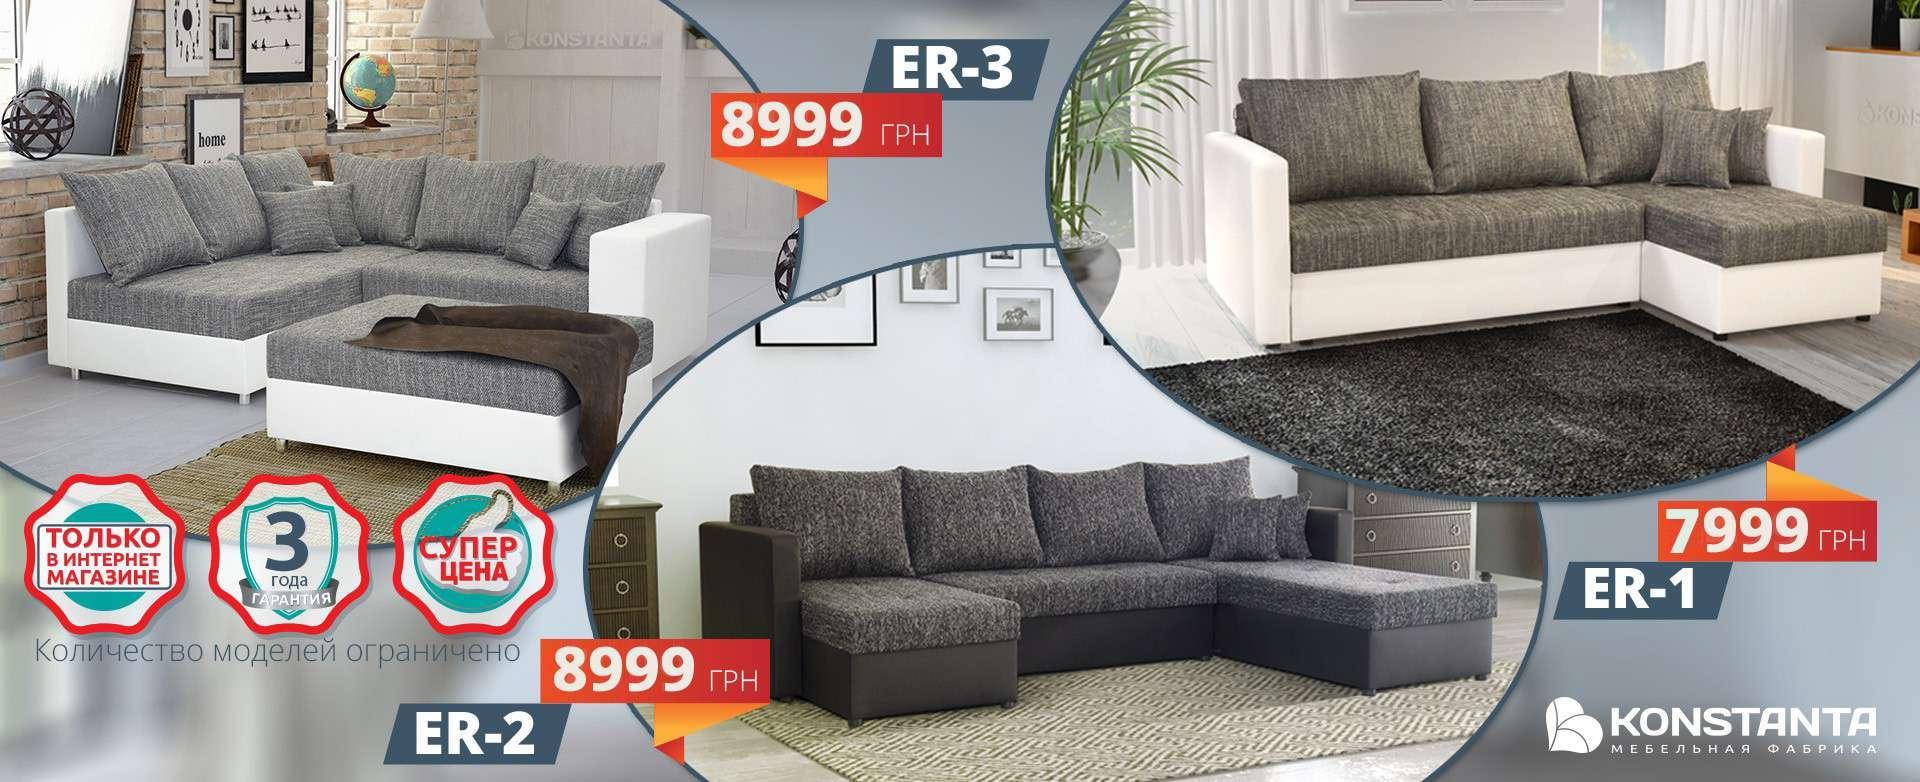 c32ace63 Купить мебель напрямую у фабрики Константа в интернет-магазине, мягкая  мебель от производителя - Konstanta ltd.